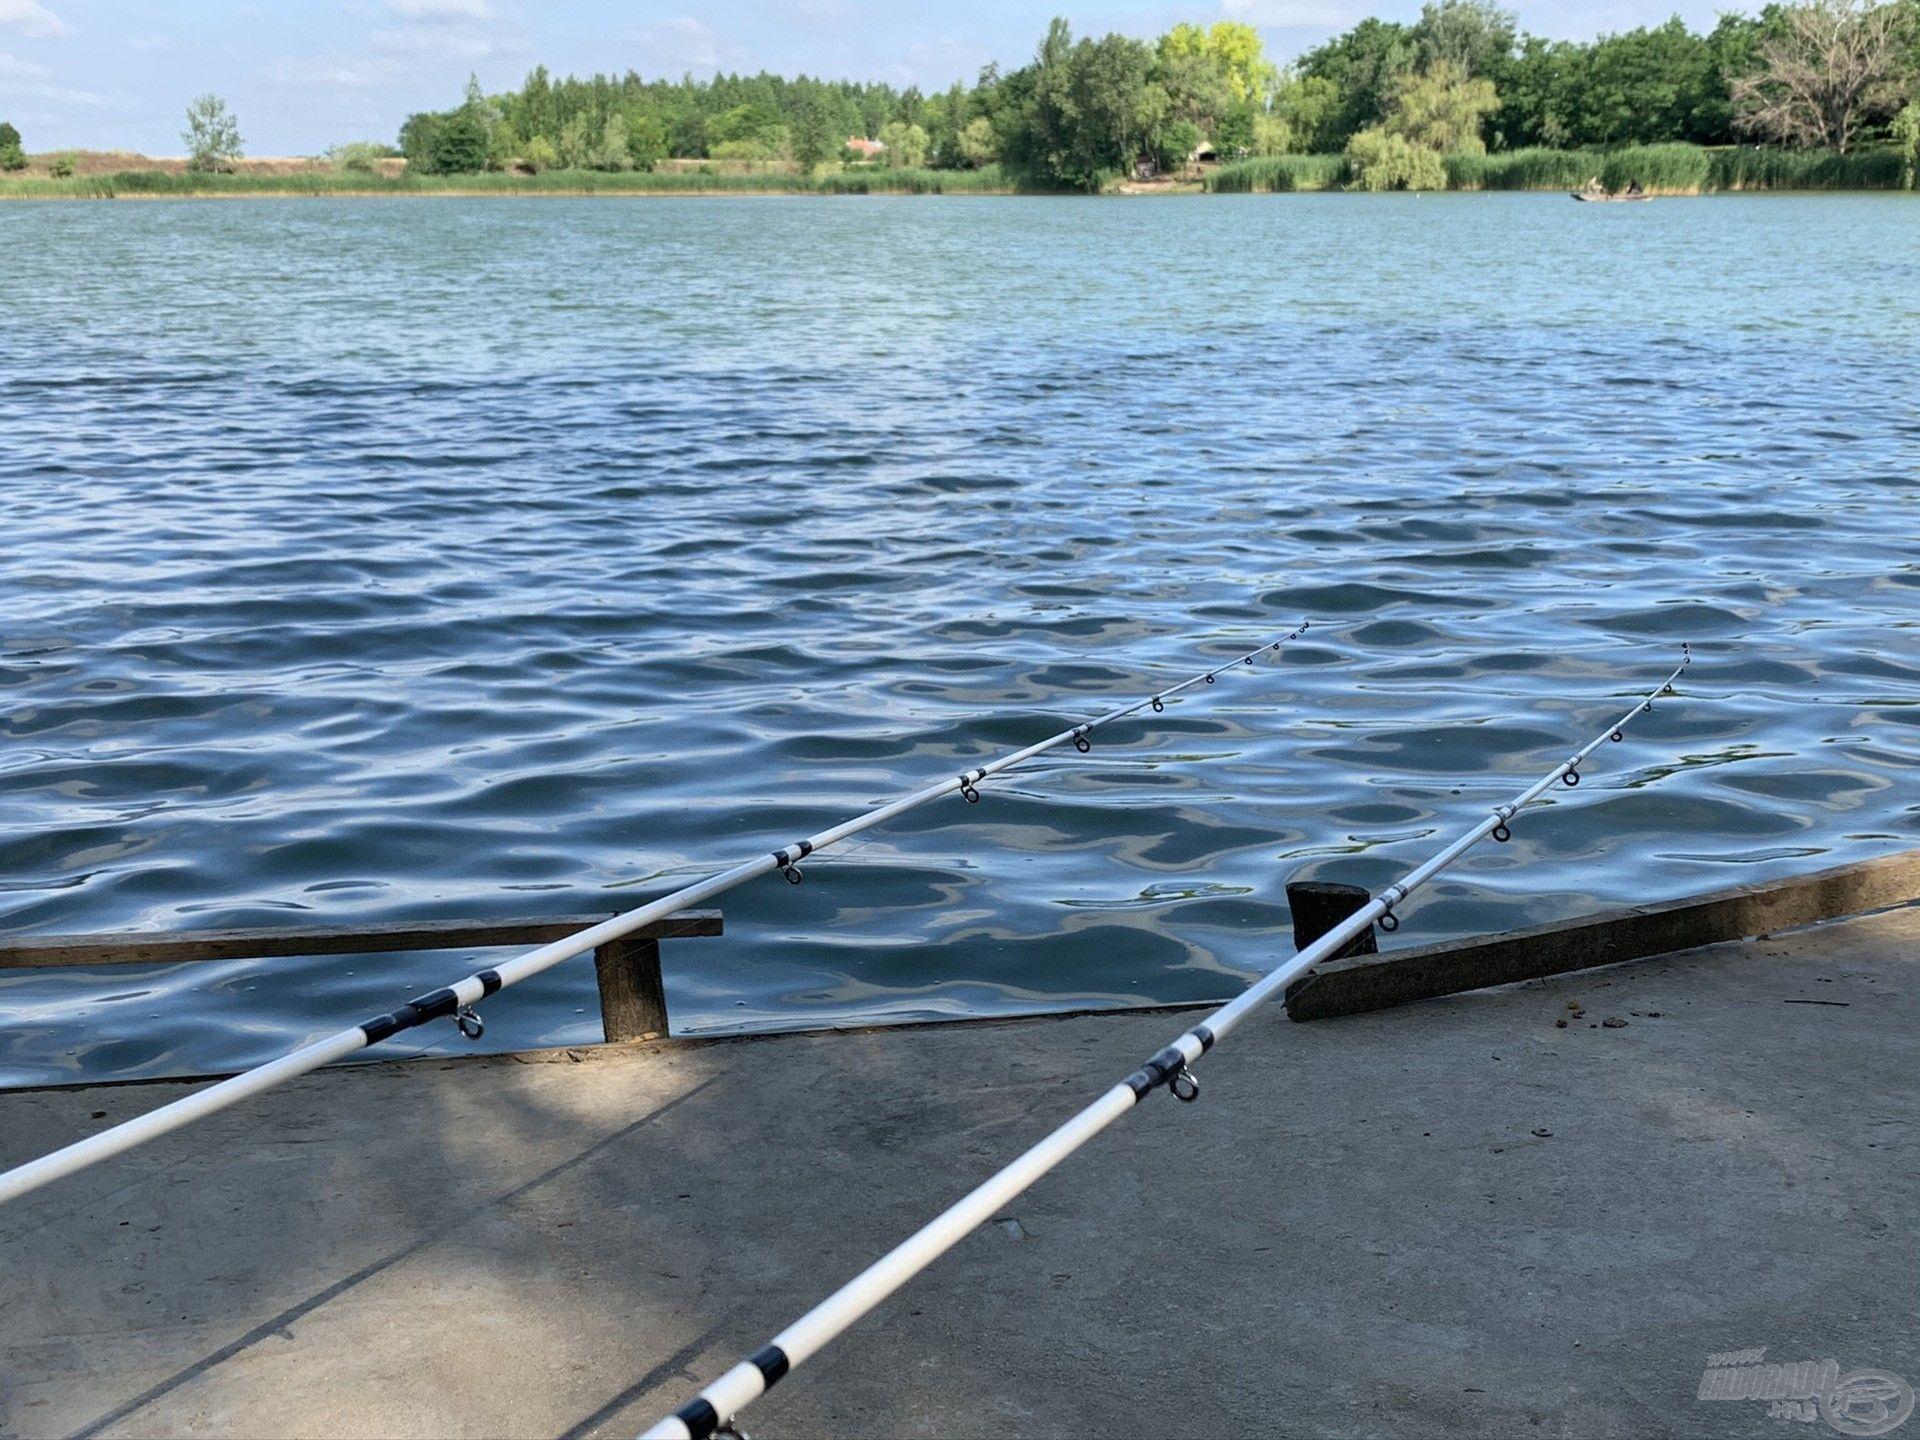 A szerelék újra a vízben… görbülhet a spicc